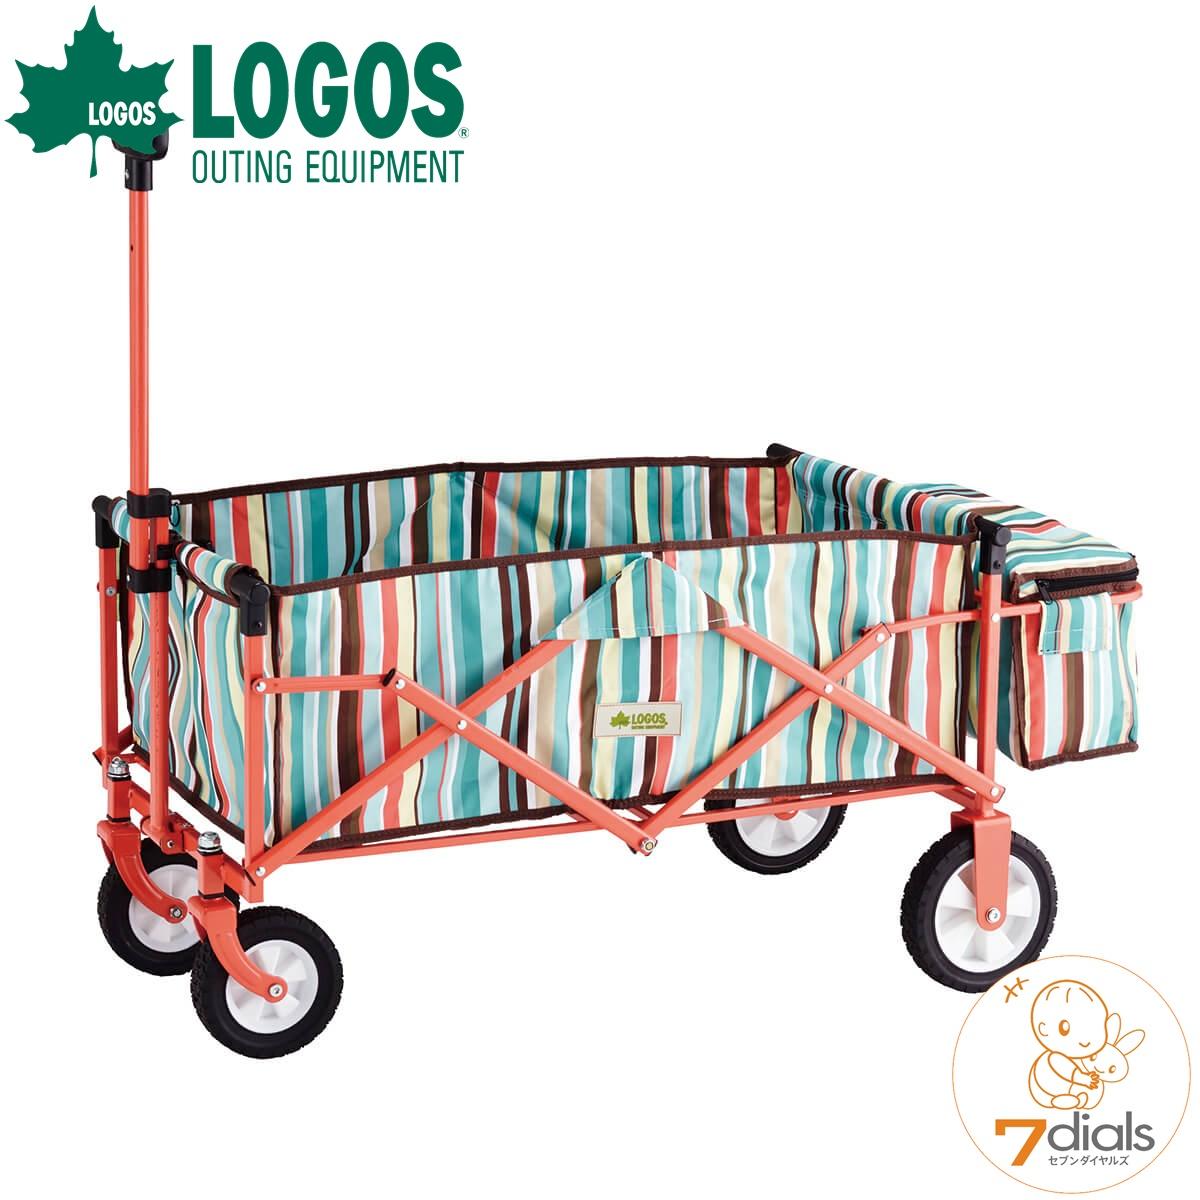 LOGOS/ロゴス 丸洗いストライプ スマートキャリー with BOX(ブルー)キャリーカート アウトドア、キャンプ 運動会など荷物をまとめて移動するときに便利 キャリーカート おしゃれ【送料無料】